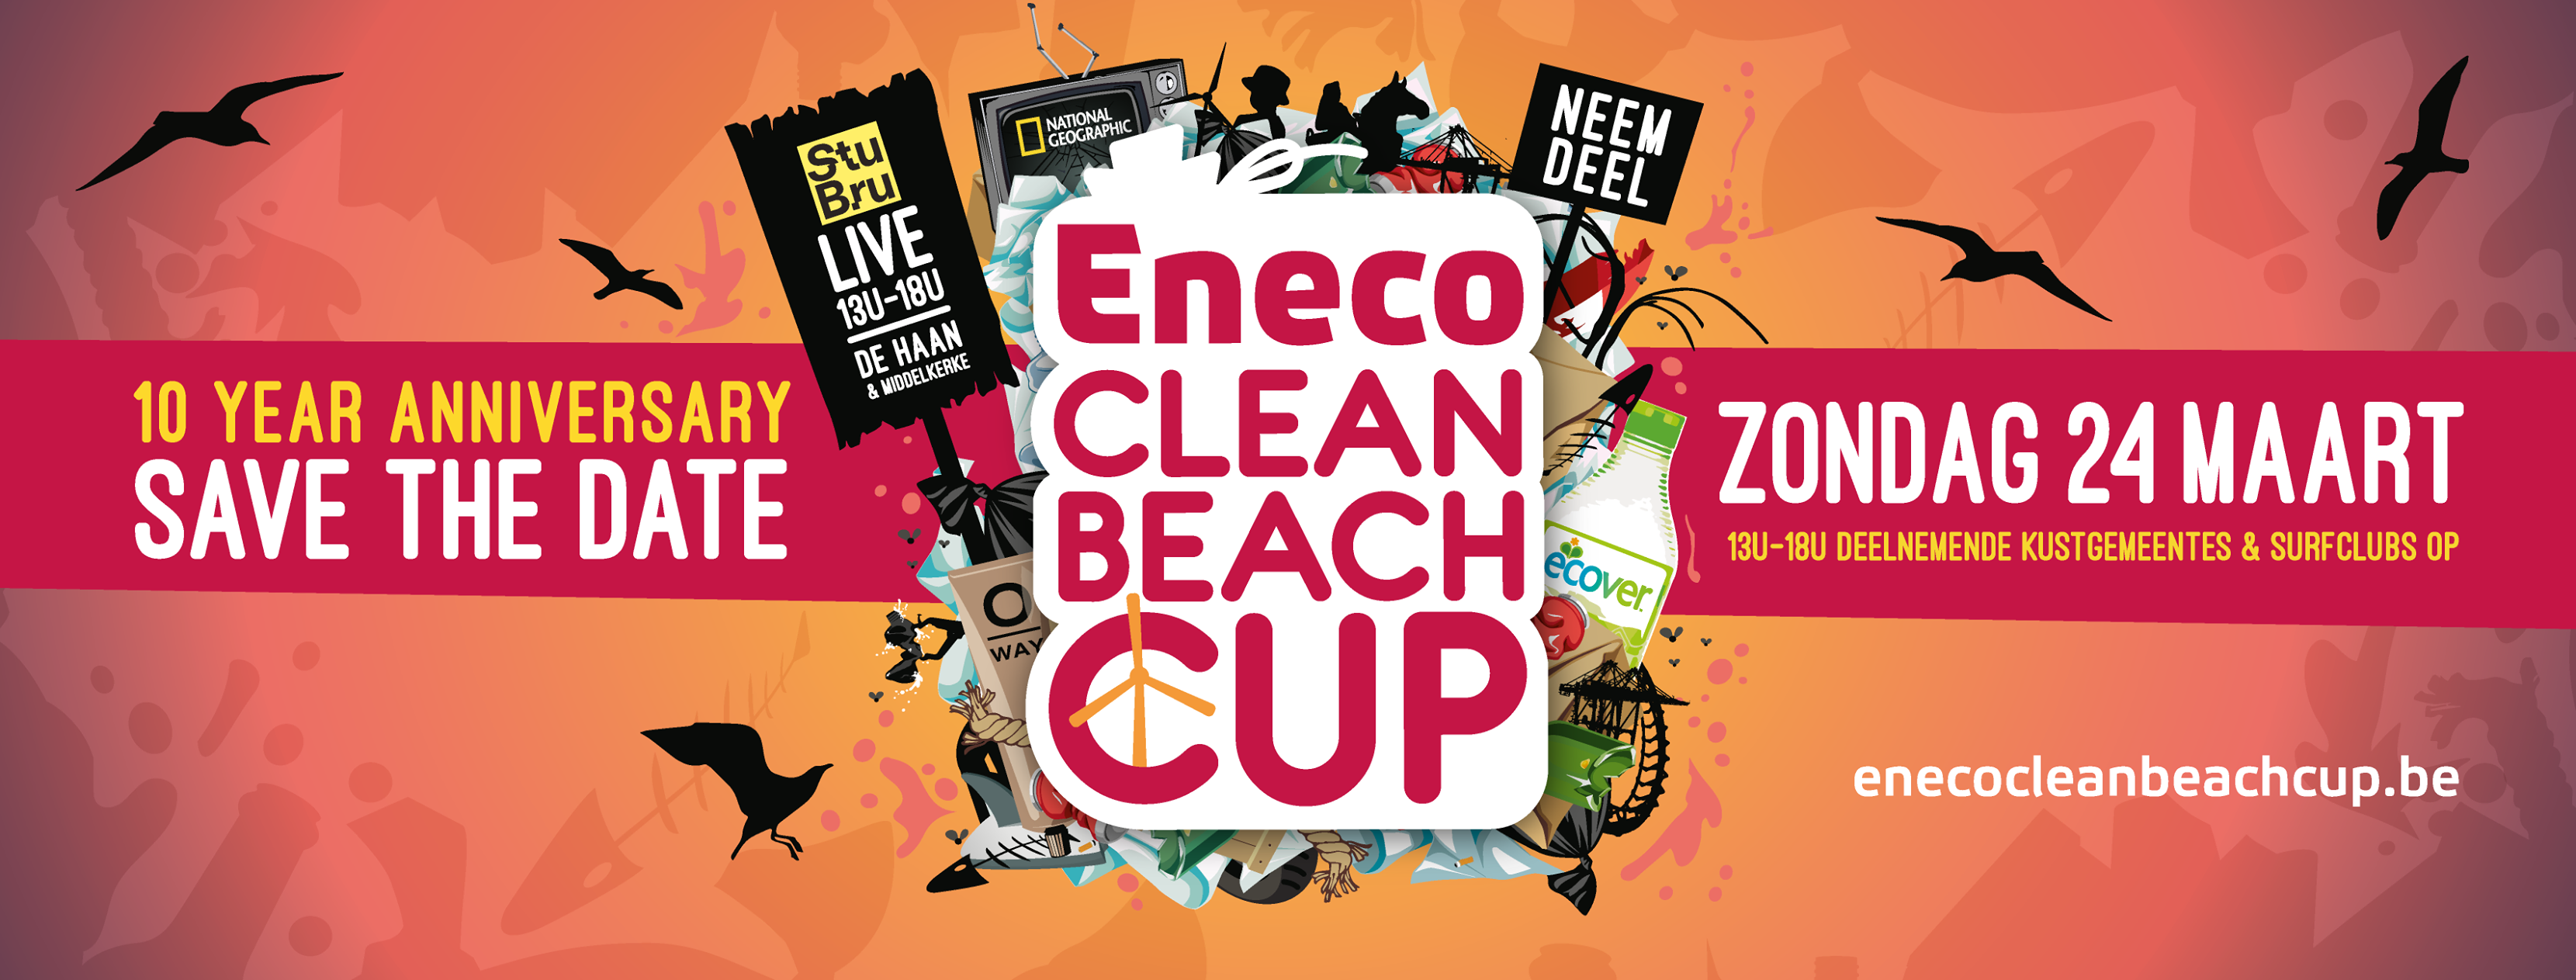 eneco clean beach cup 2019